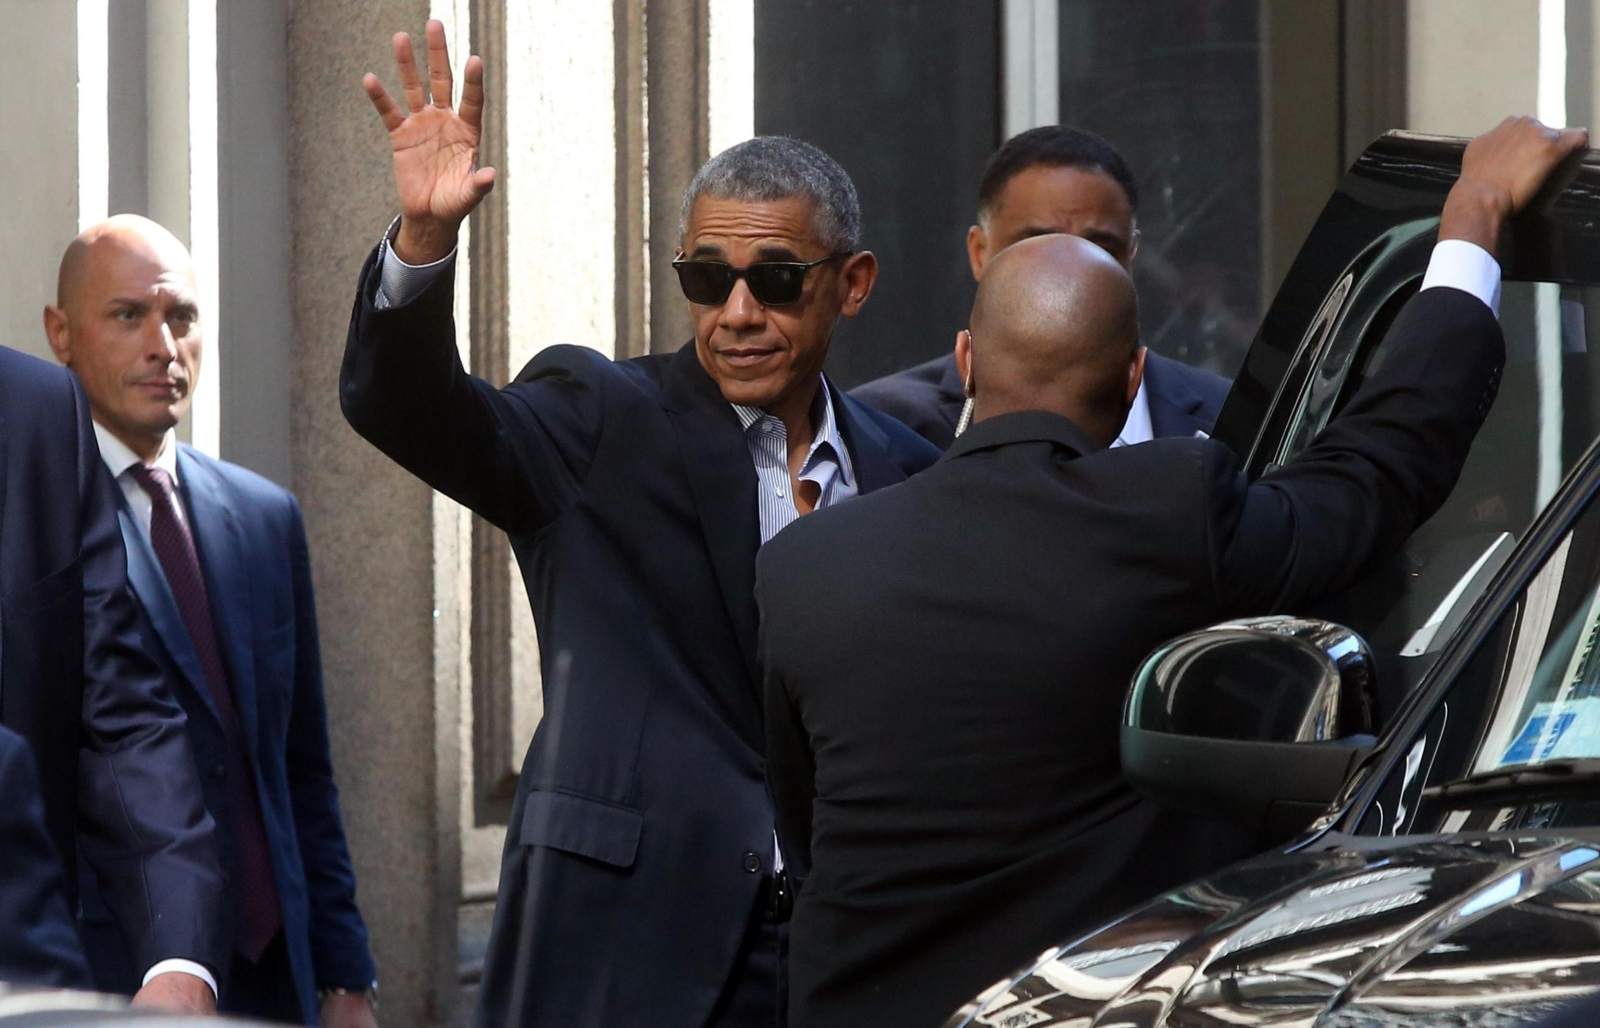 Wizyta Baracka Obamy w Mediolanie. fot. EPA/MATTEO BAZZI